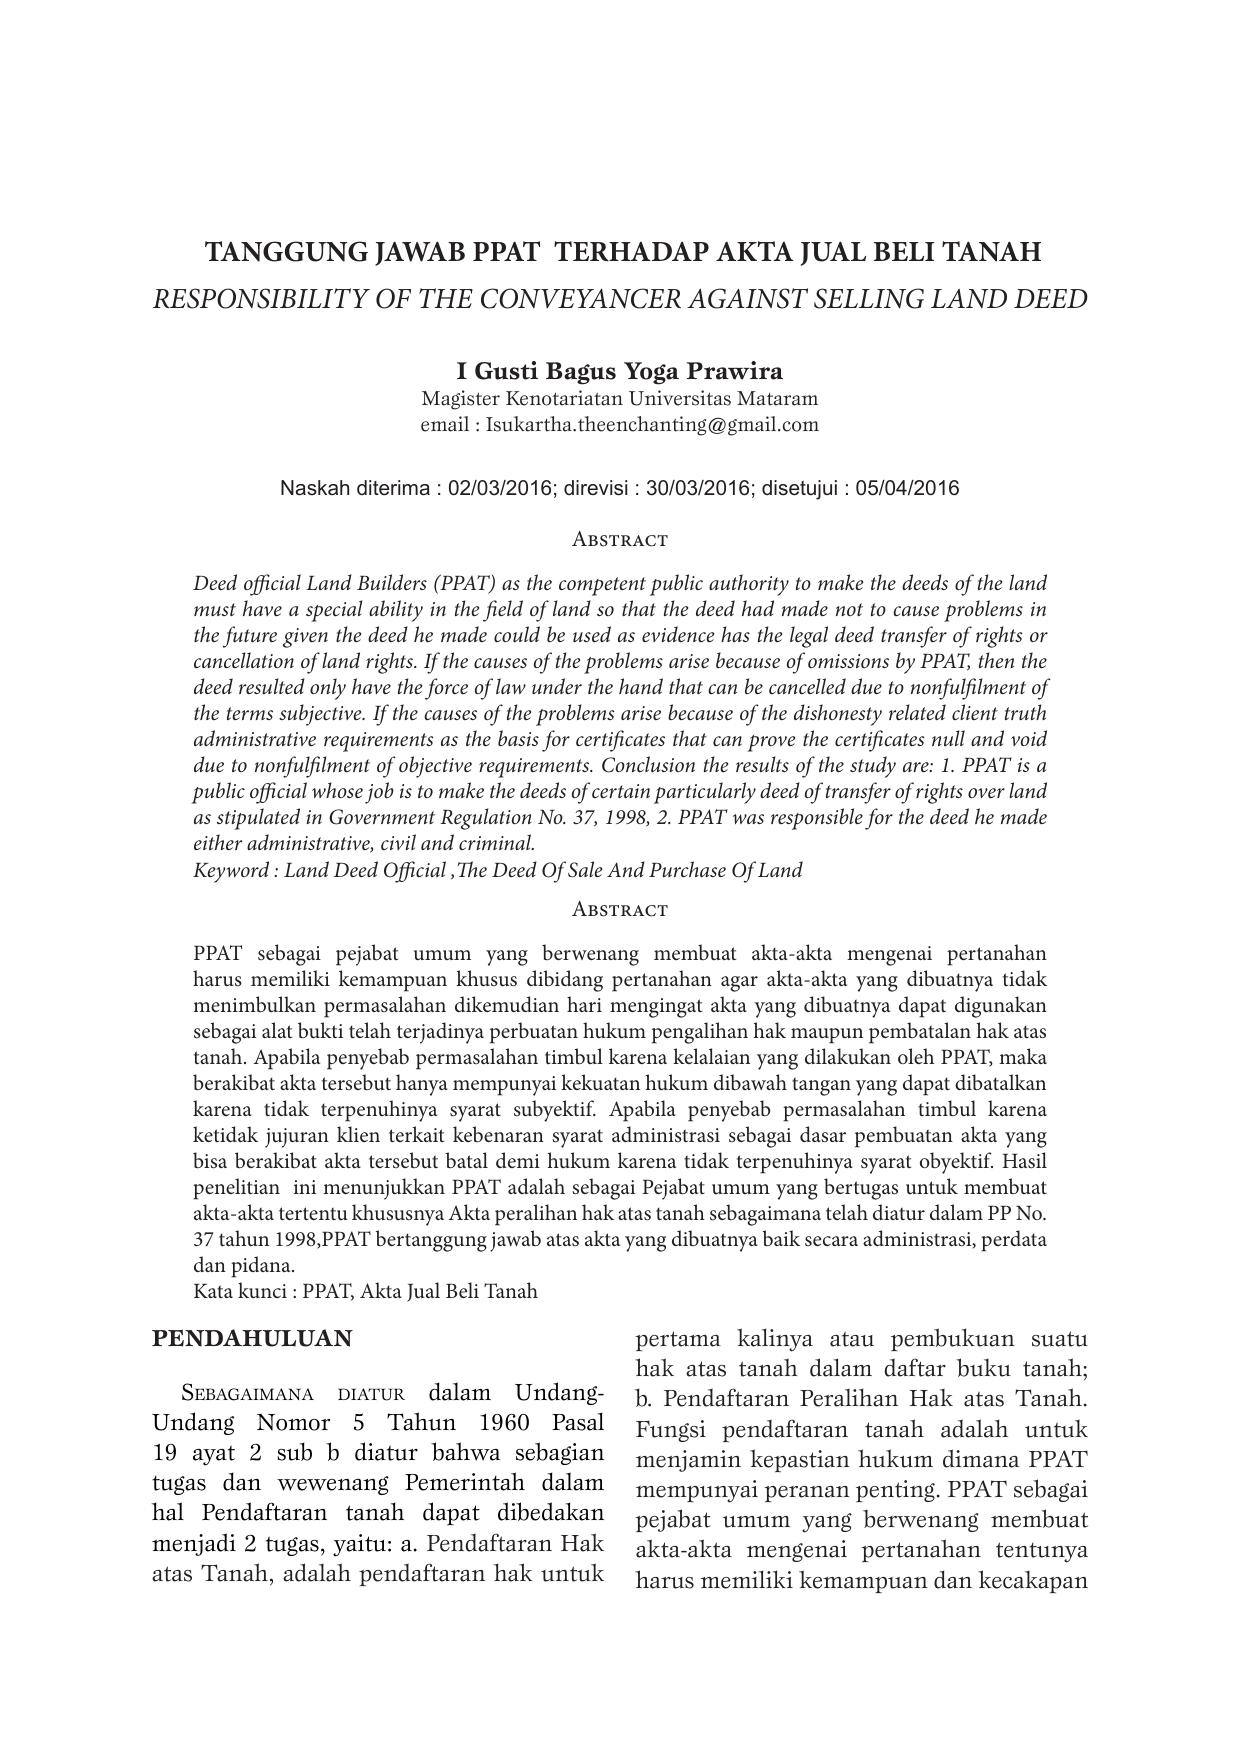 Tanggung Jawab Ppat Terhadap Akta Jual Beli Tanah